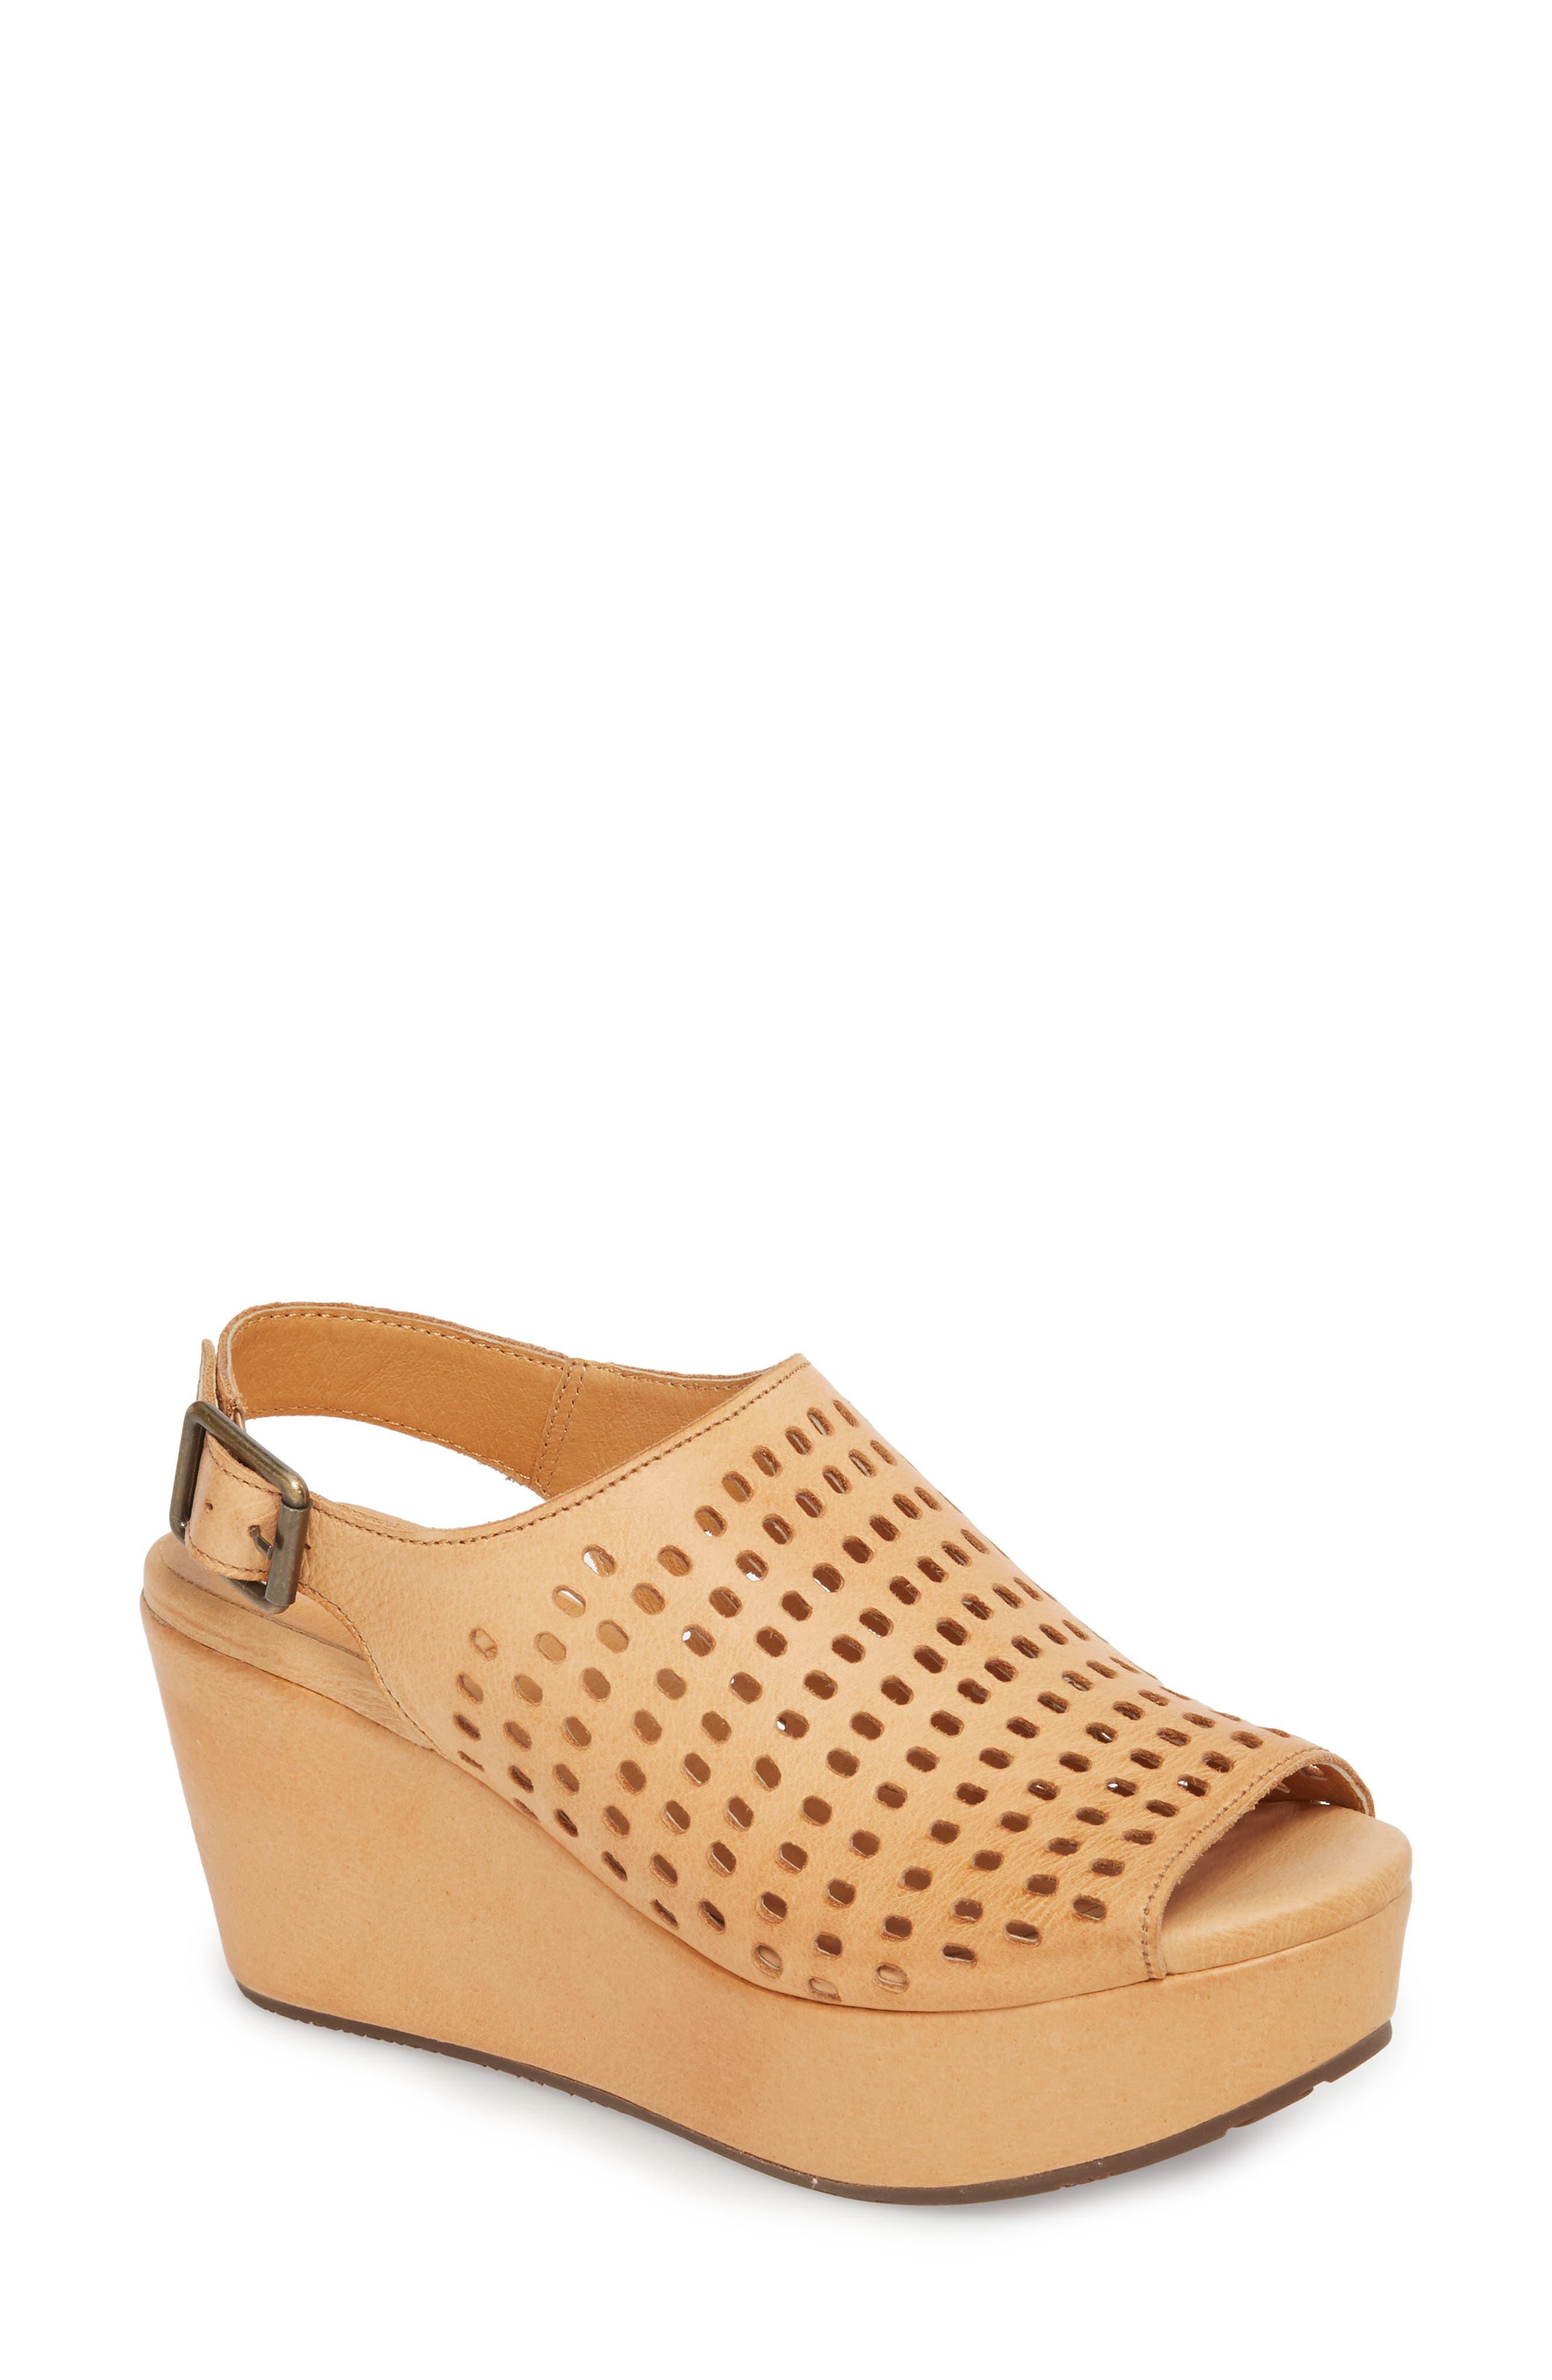 Chocolat Blu Wally Platform Wedge Sandal (Women)